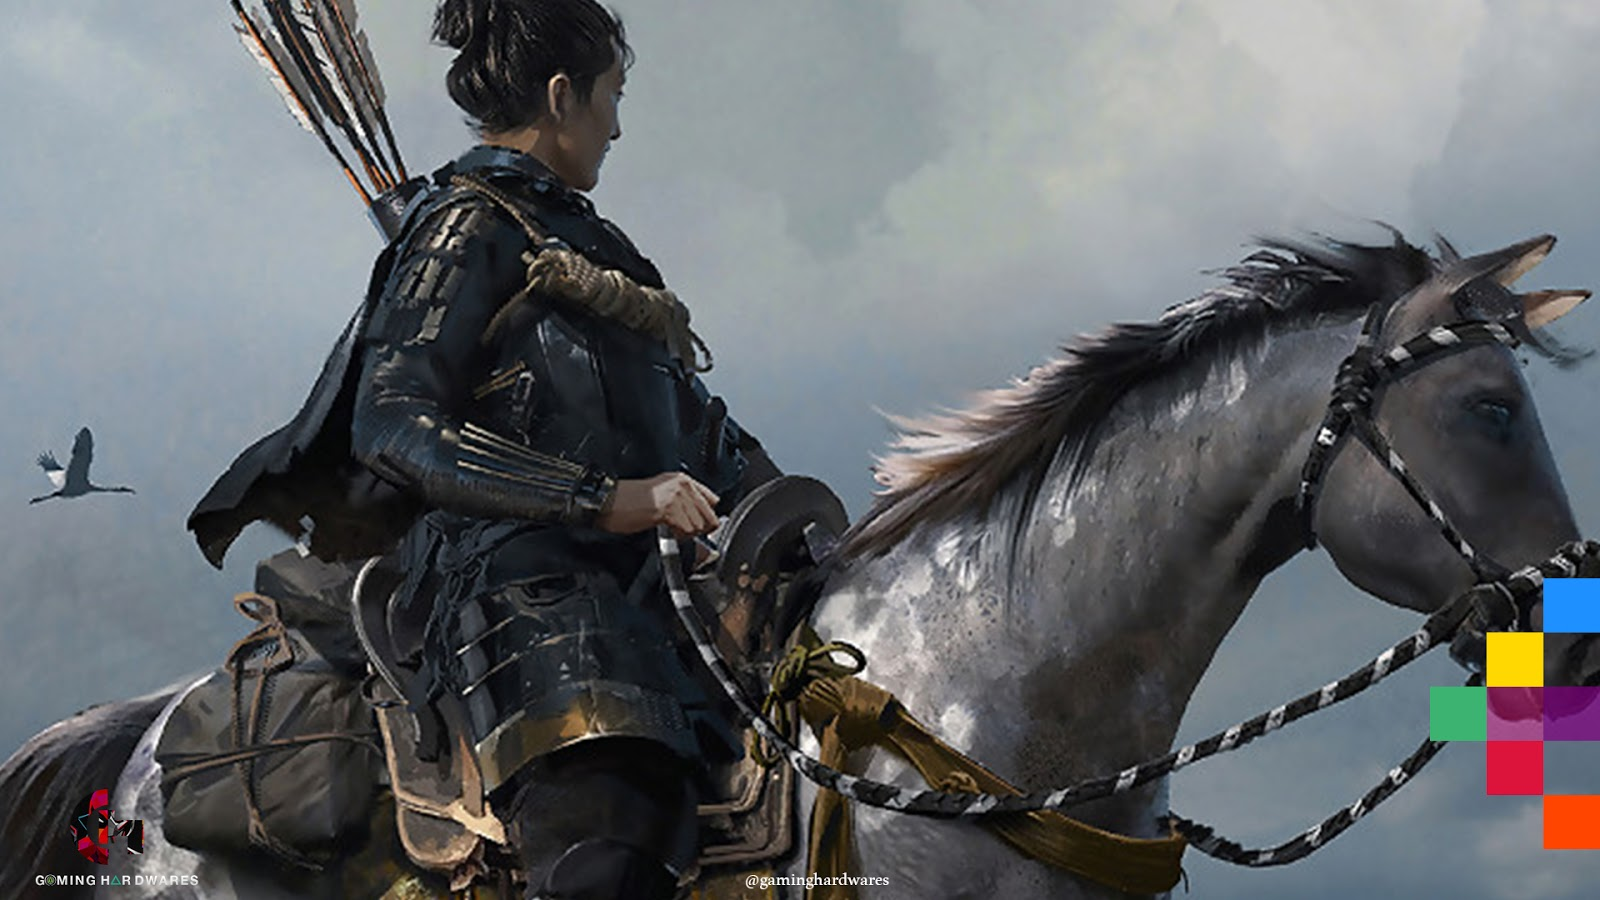 لعبة شبح تسوشيما البحث عن الحصان